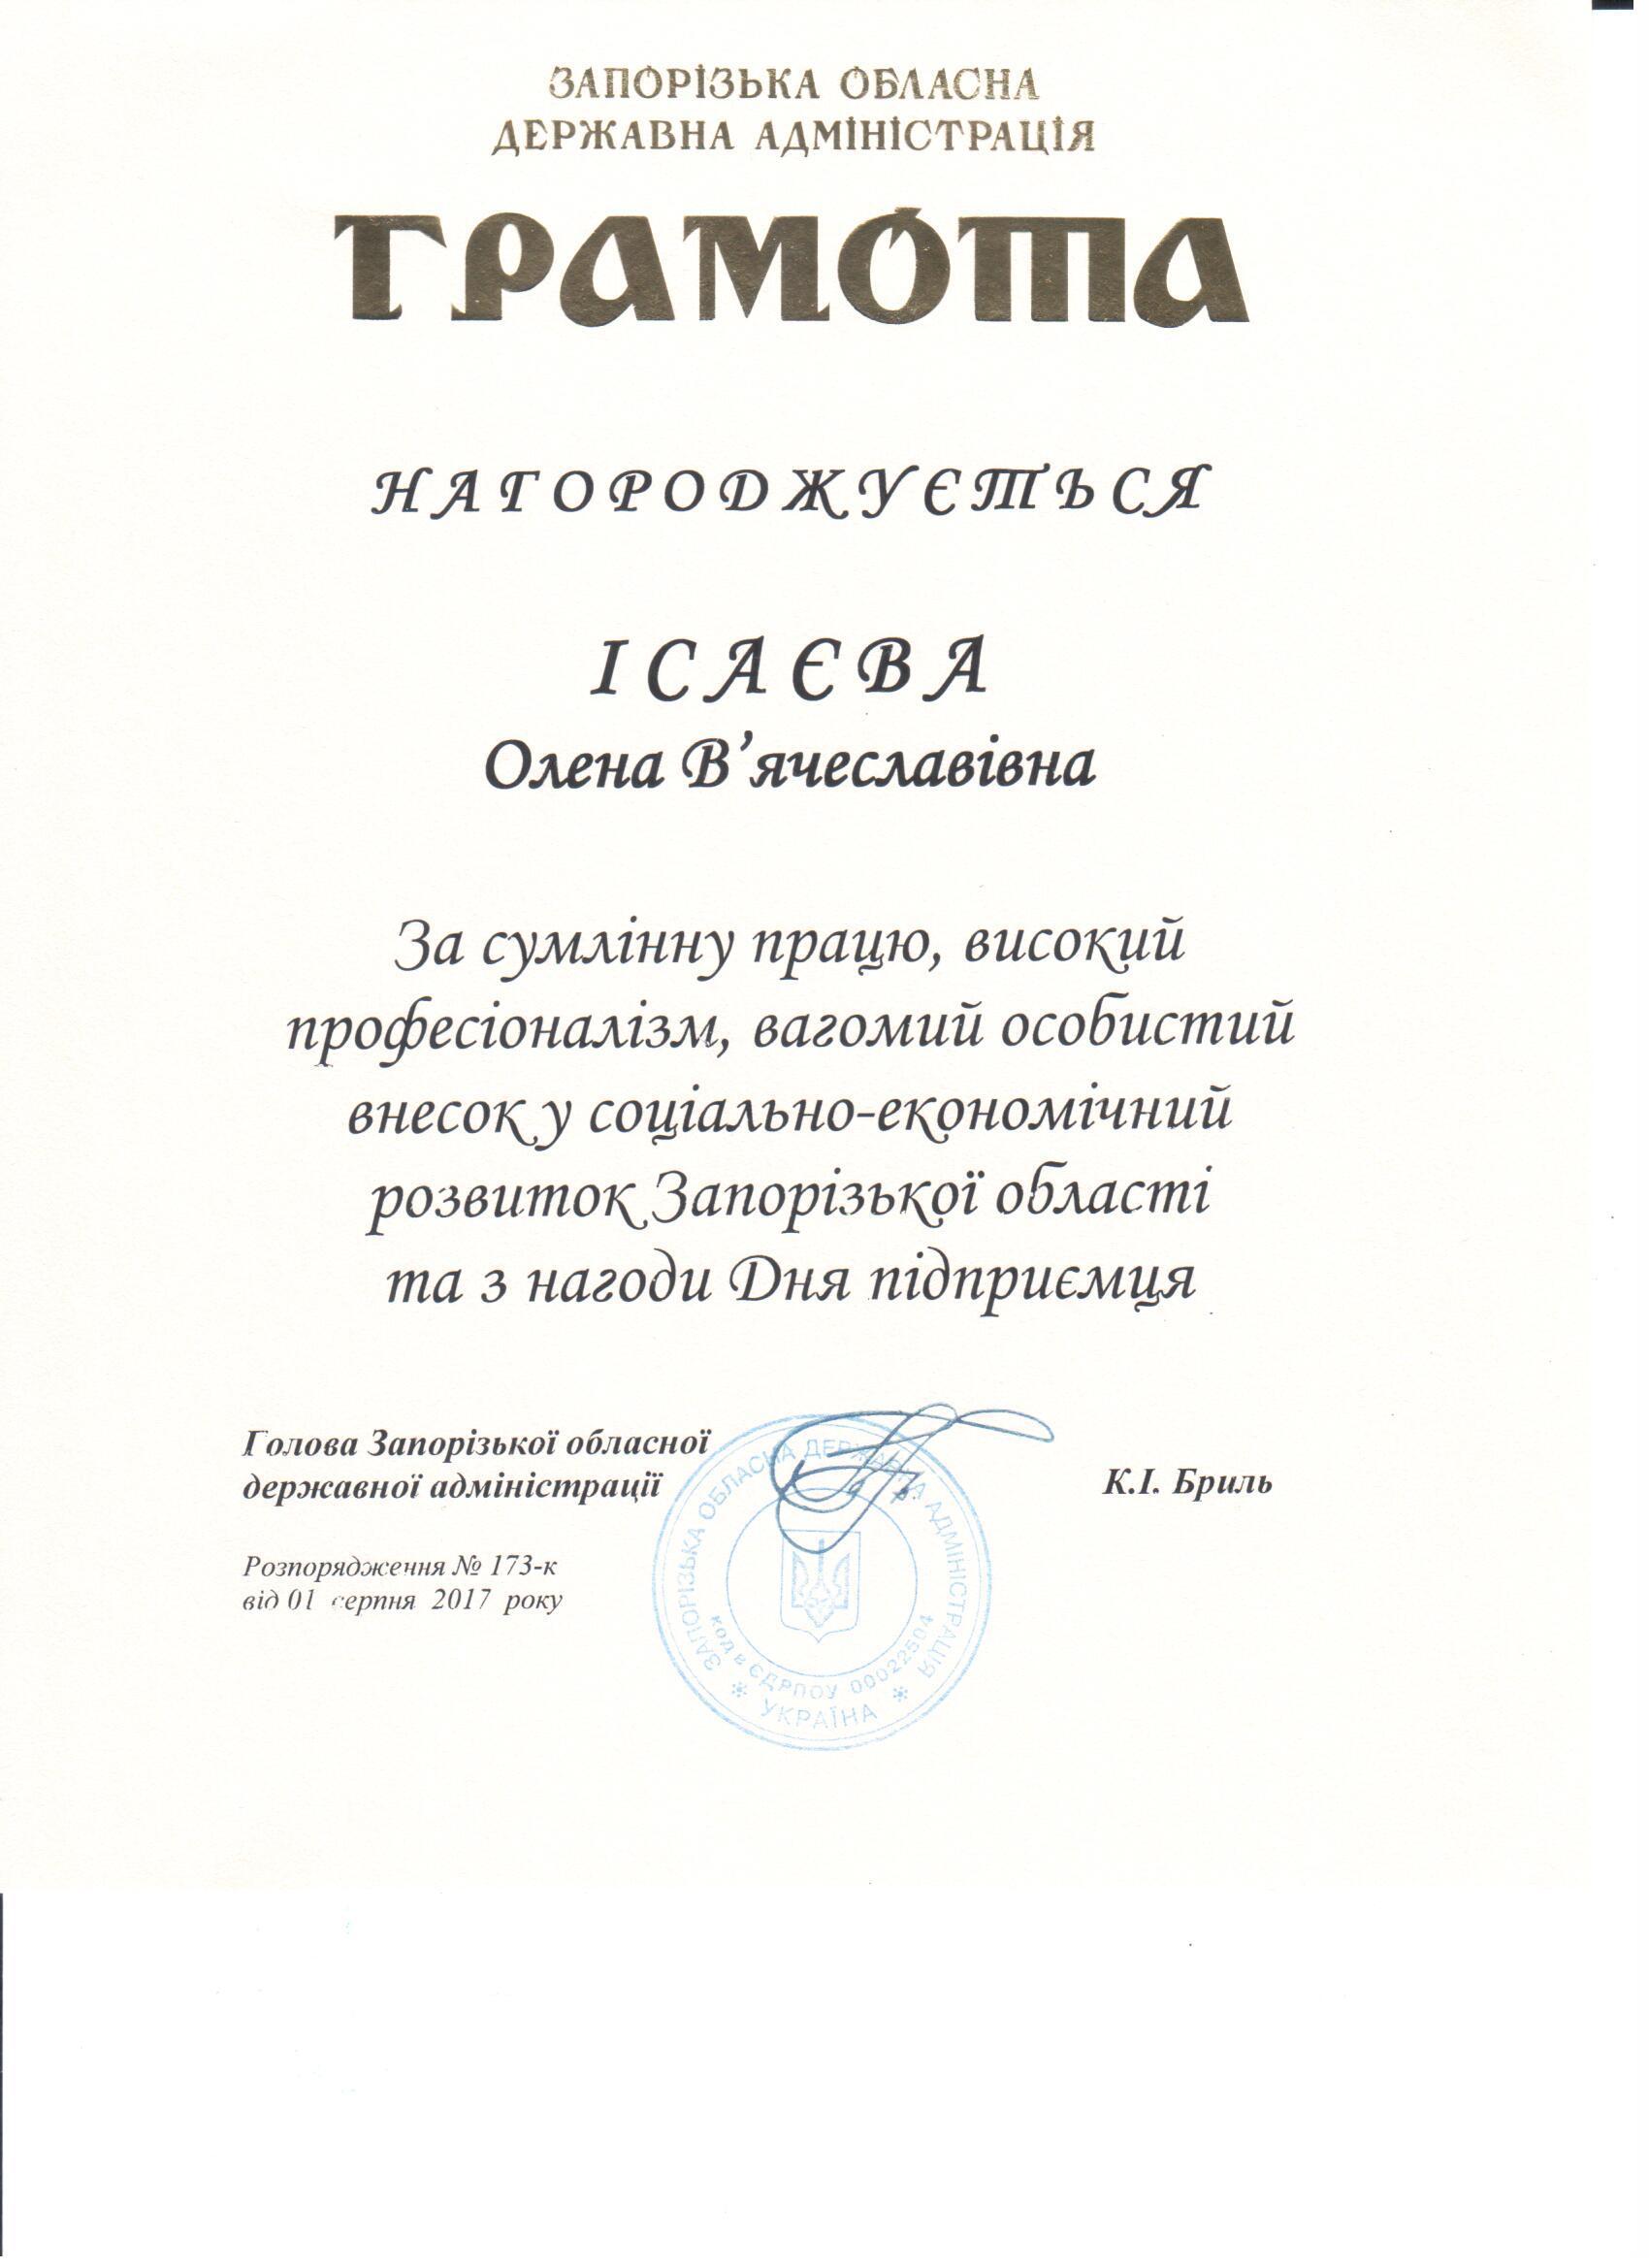 Грамота Исаевой Е.В. от председателя Запорожской областной государственной администрации Брыль К.И.